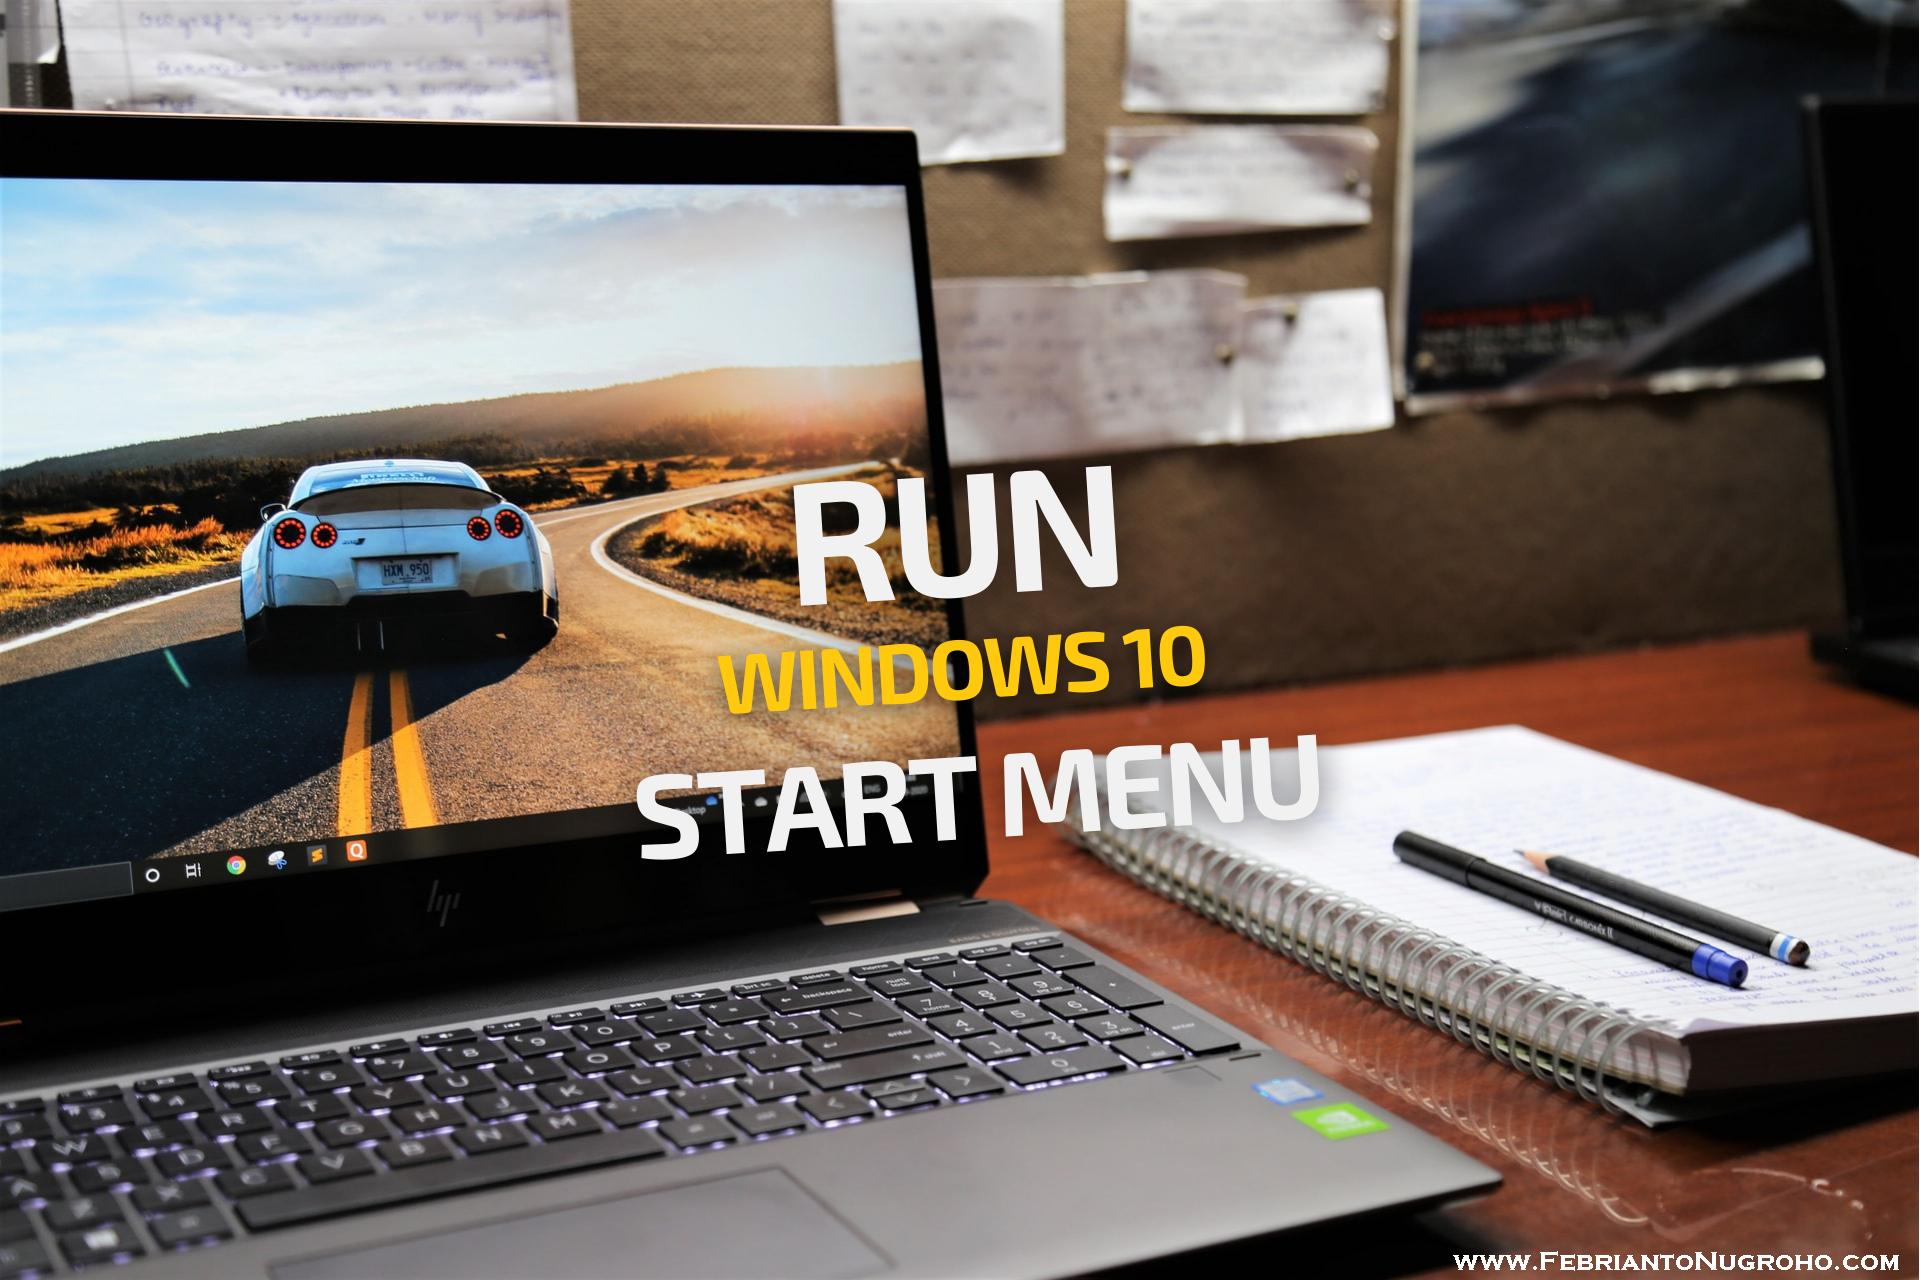 Membuka Utilitas Run di Windows 10 via Start Menu